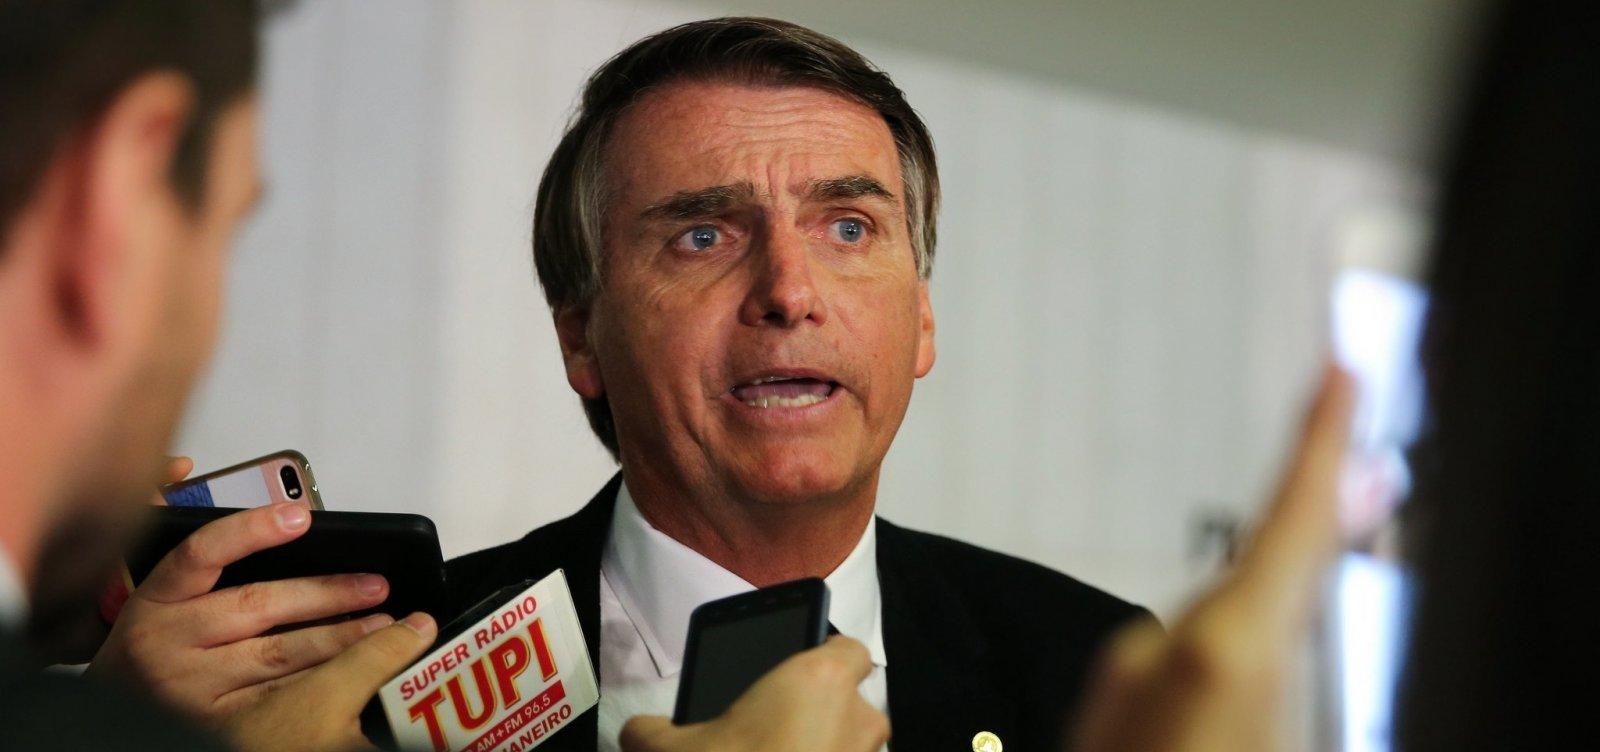 [Nova cirurgia de Bolsonaro é menos arriscada que anteriores, diz cirurgião]